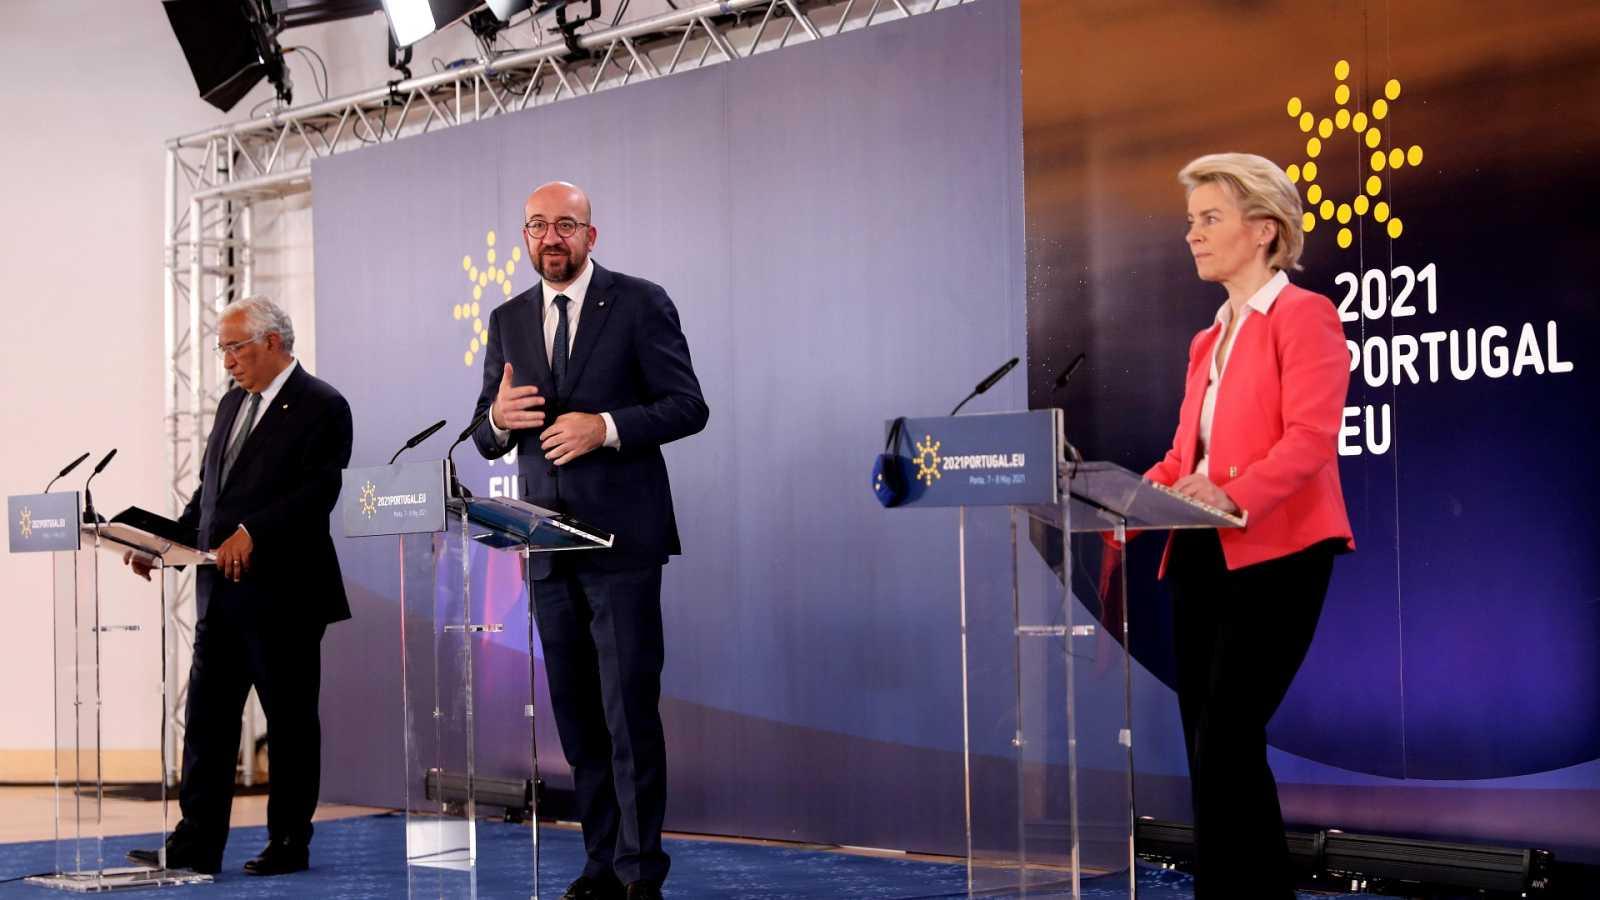 El presidente del Consejo Europeo dice que liberar las patentes de las vacunas no es una solución a corto plazo